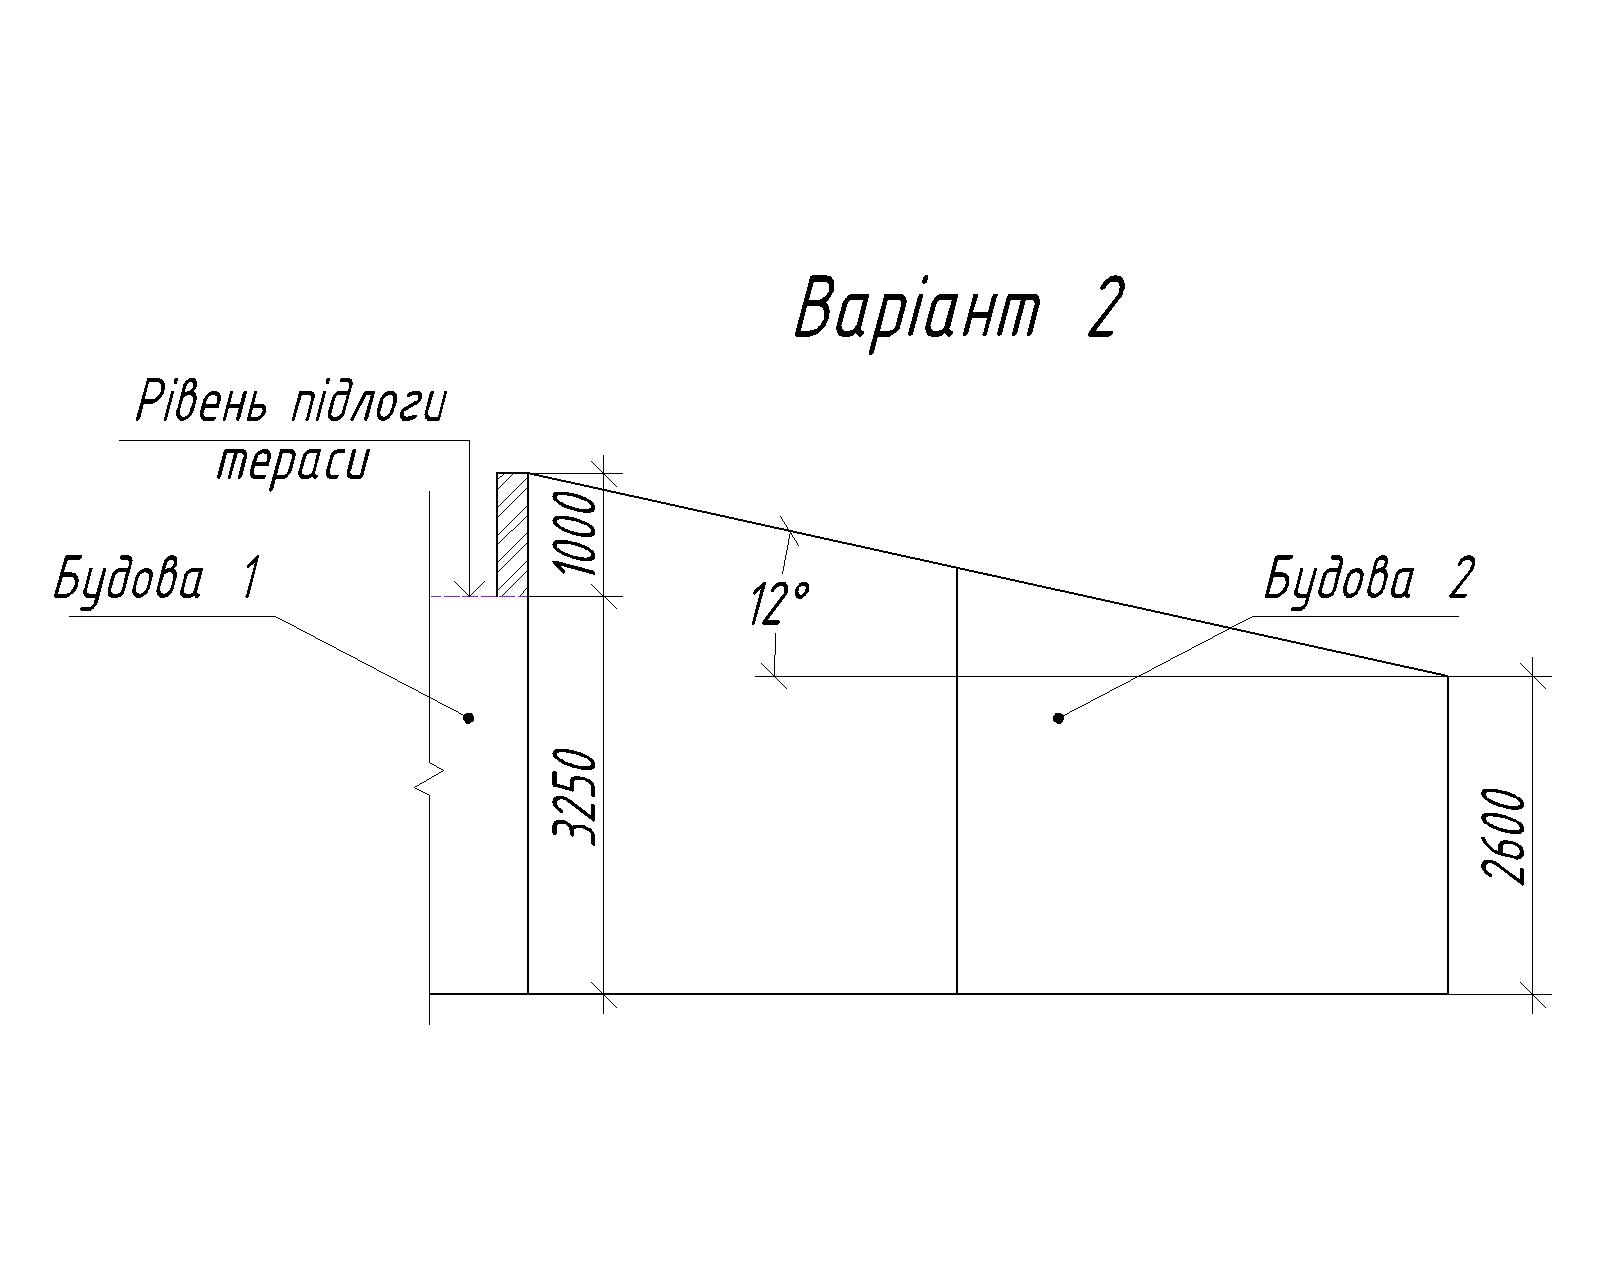 Нажмите на изображение для увеличения Название: Примыкание крыши вар 2.png Просмотров: 186 Размер:18.8 Кб ID:433180